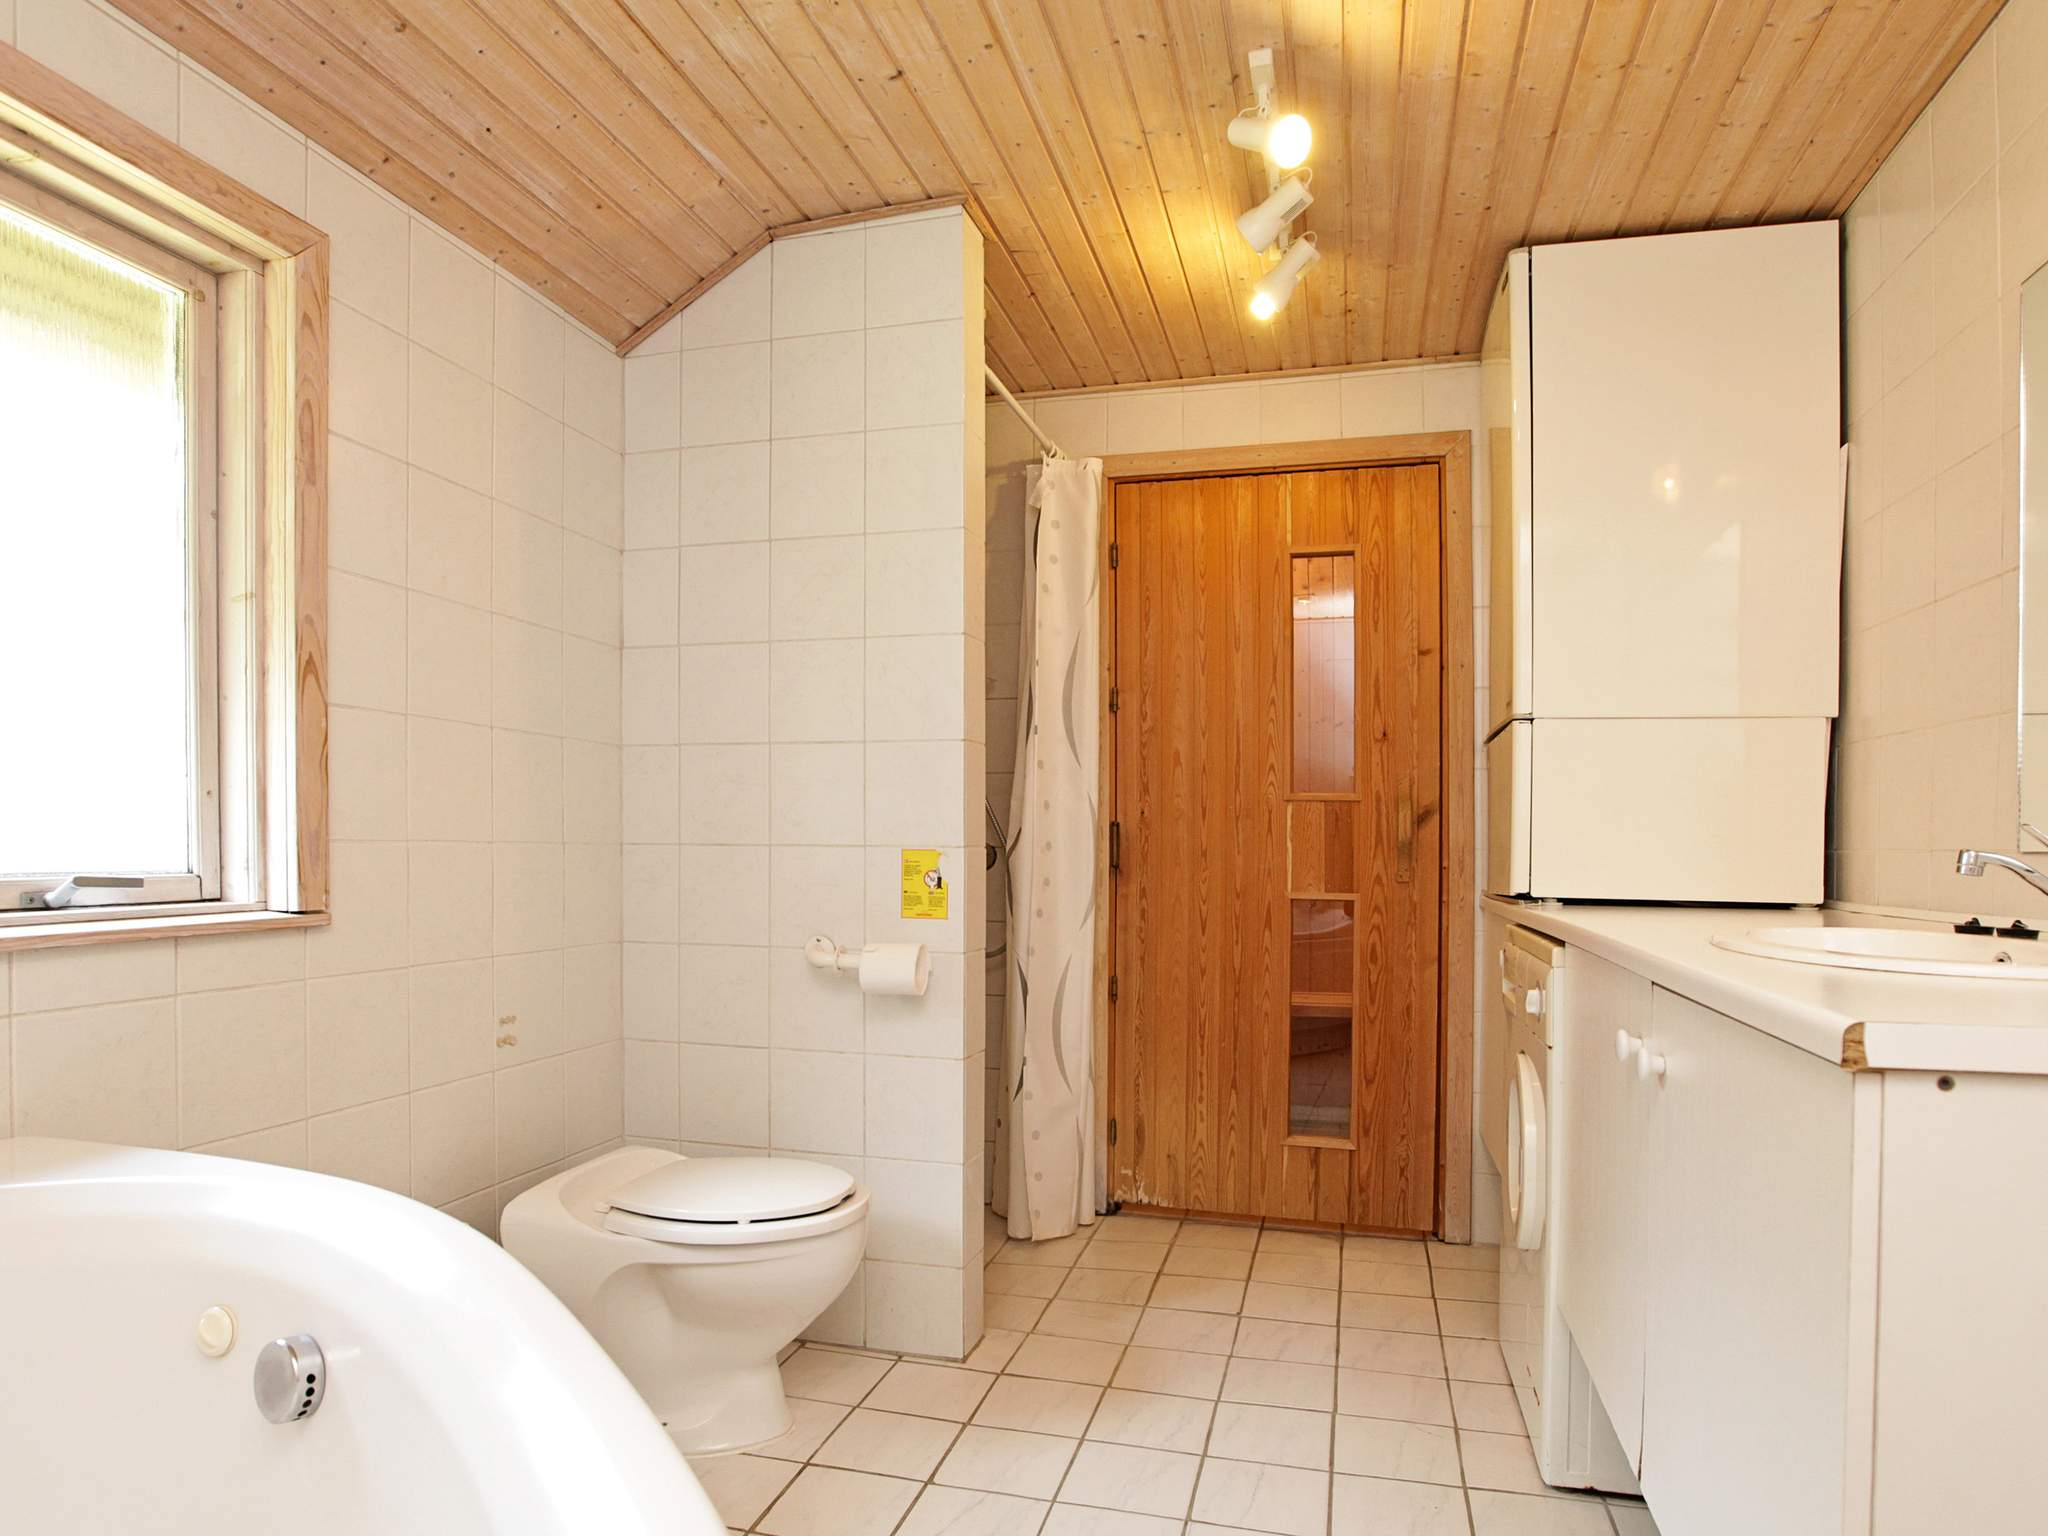 Ferienhaus Hummingen (84295), Hummingen, , Lolland, Dänemark, Bild 22